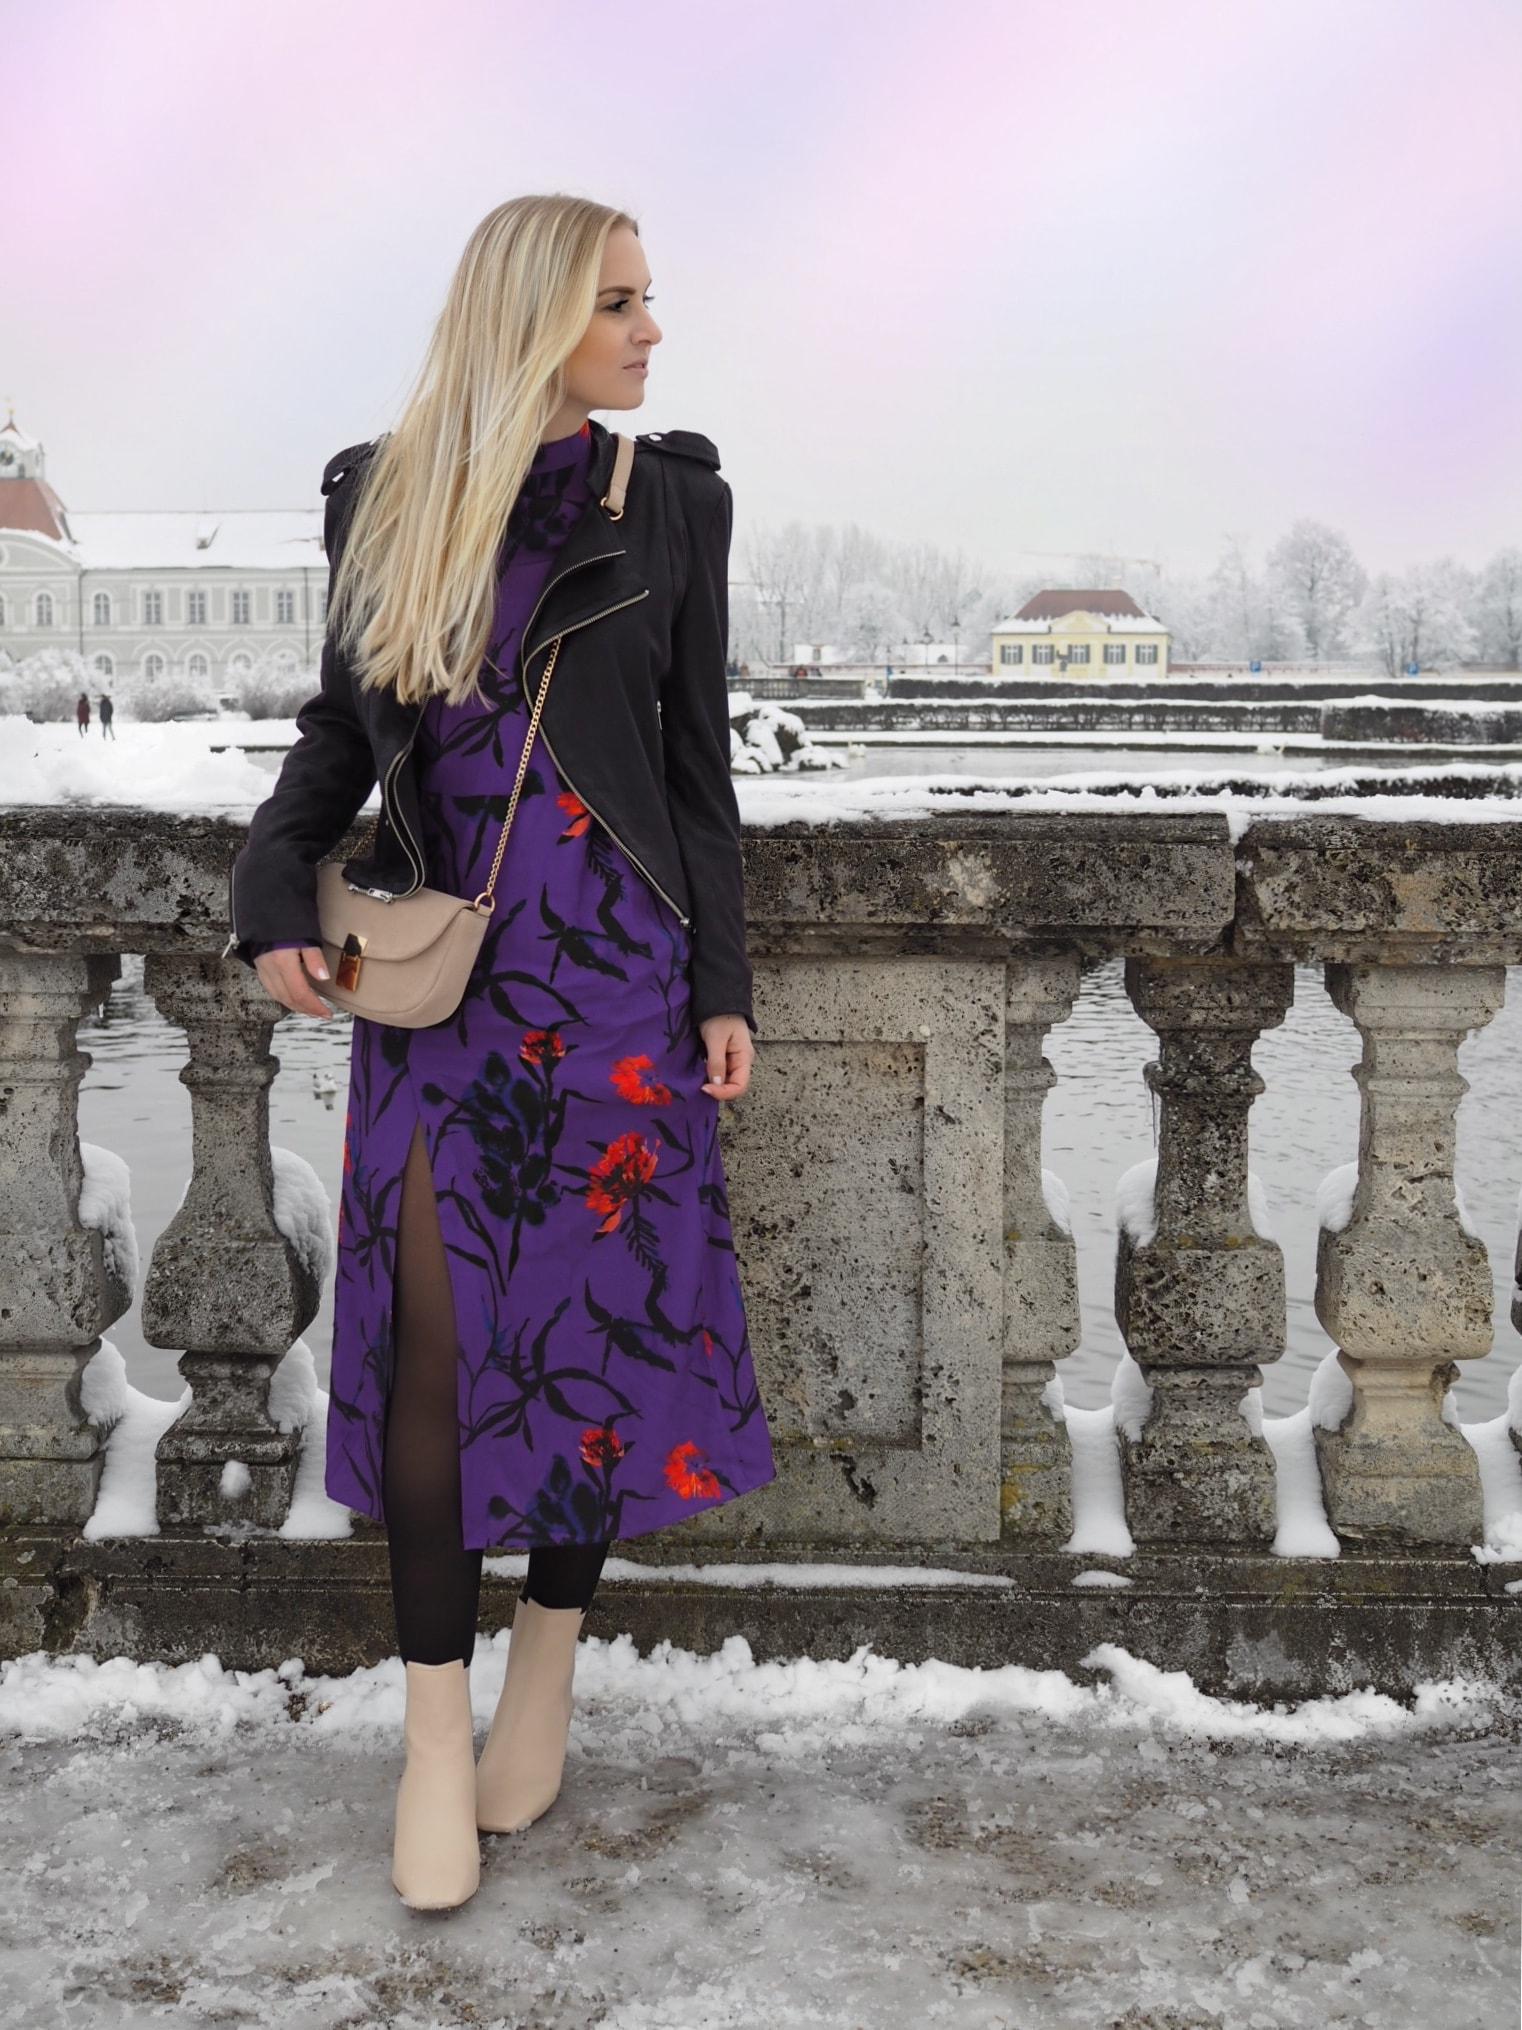 Trendfarbe des Jahres 2018 Pantonefarbe Ultra Violet Lila Kleid Lederjacke Trend Katefully Fashionblog Modeblog München Fashion ootd Outfit